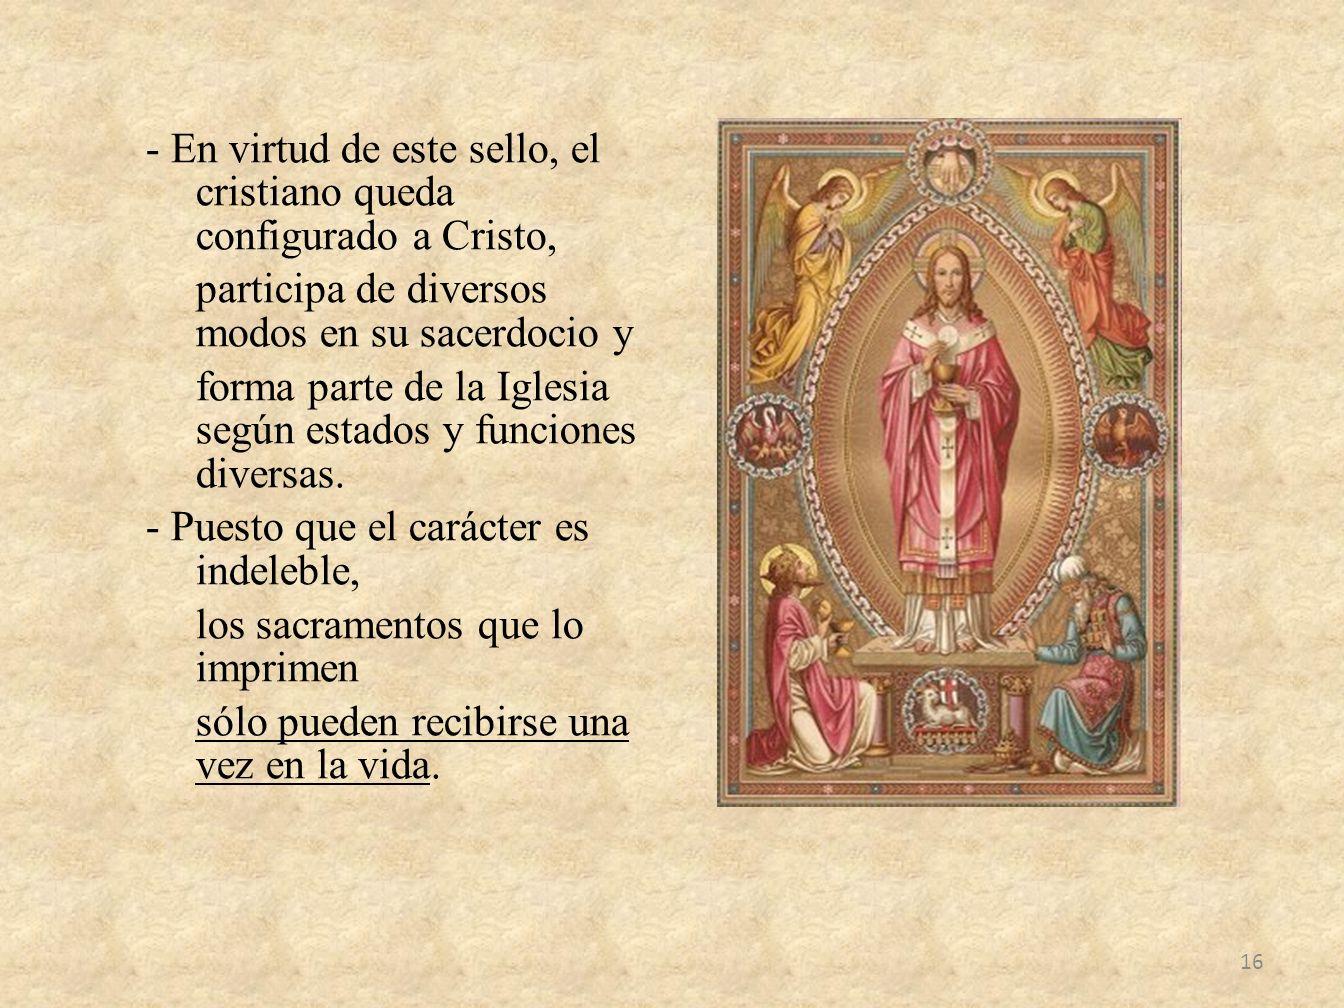 - En virtud de este sello, el cristiano queda configurado a Cristo, participa de diversos modos en su sacerdocio y forma parte de la Iglesia según est